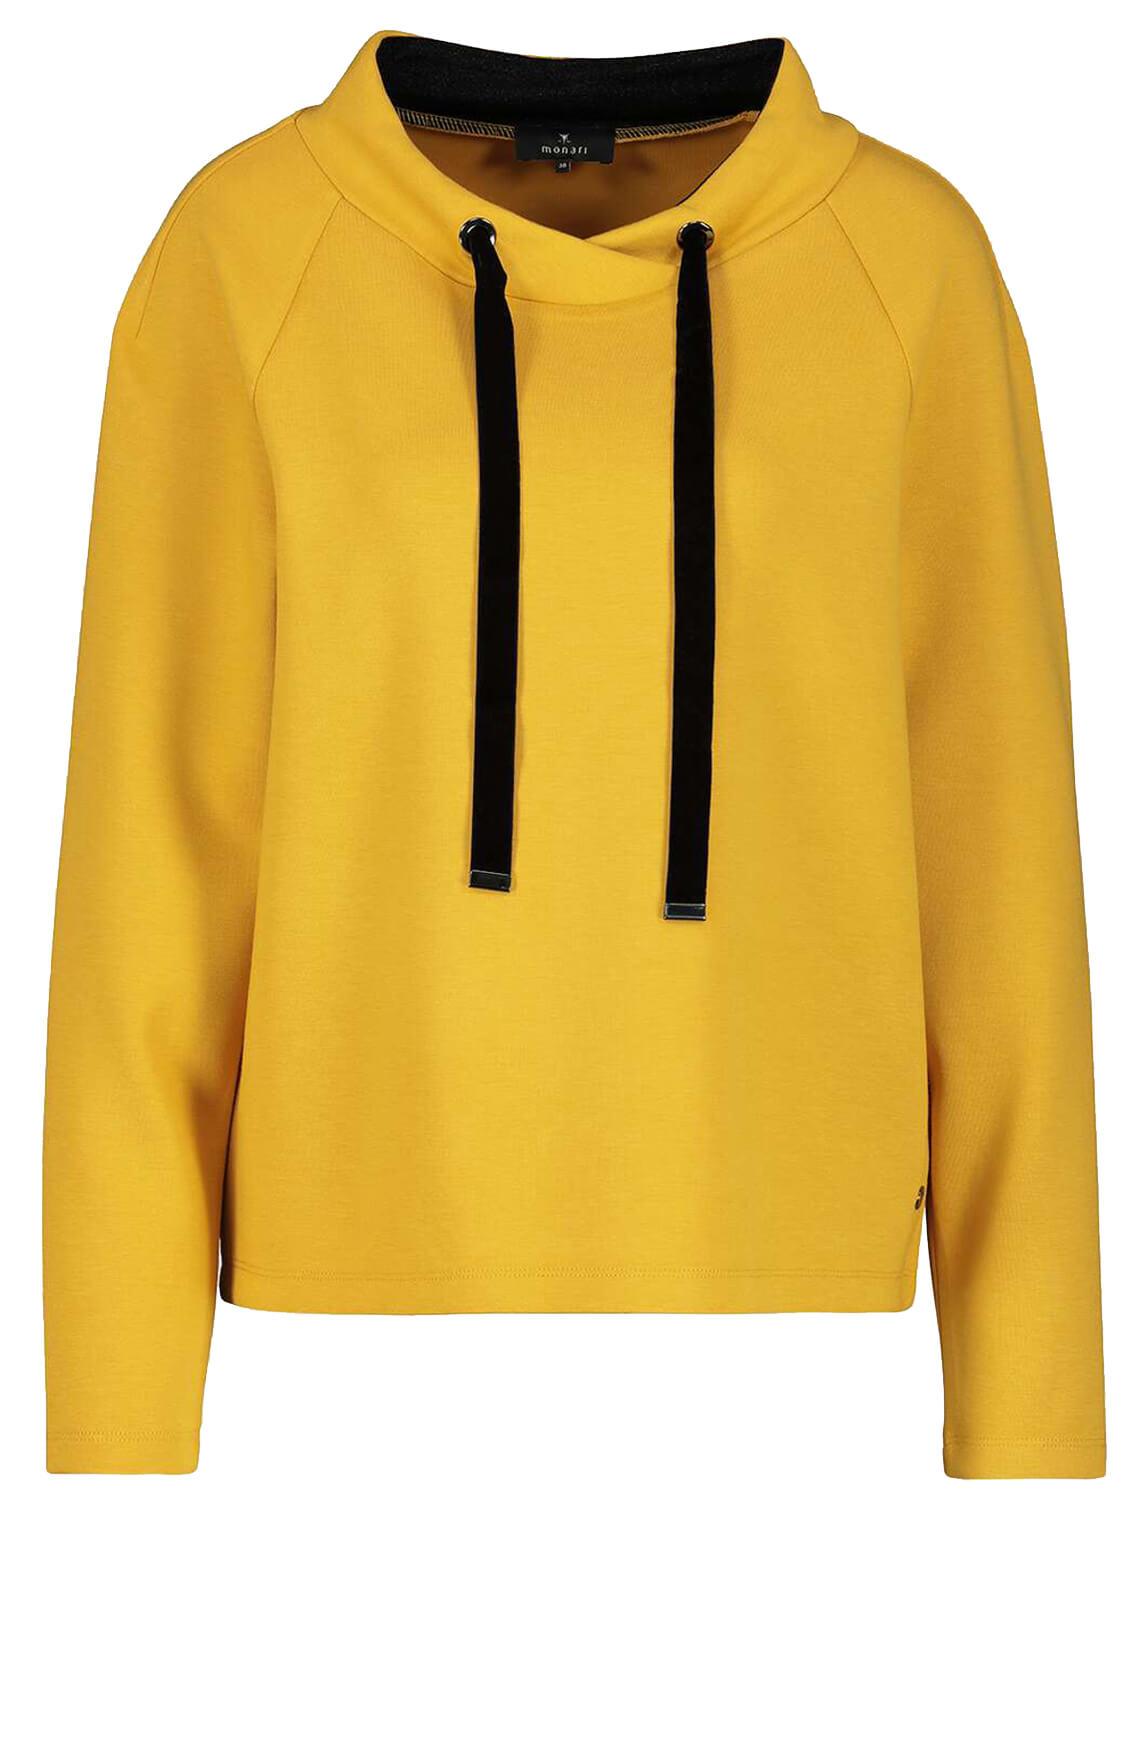 Monari Dames Sweater met velvet geel